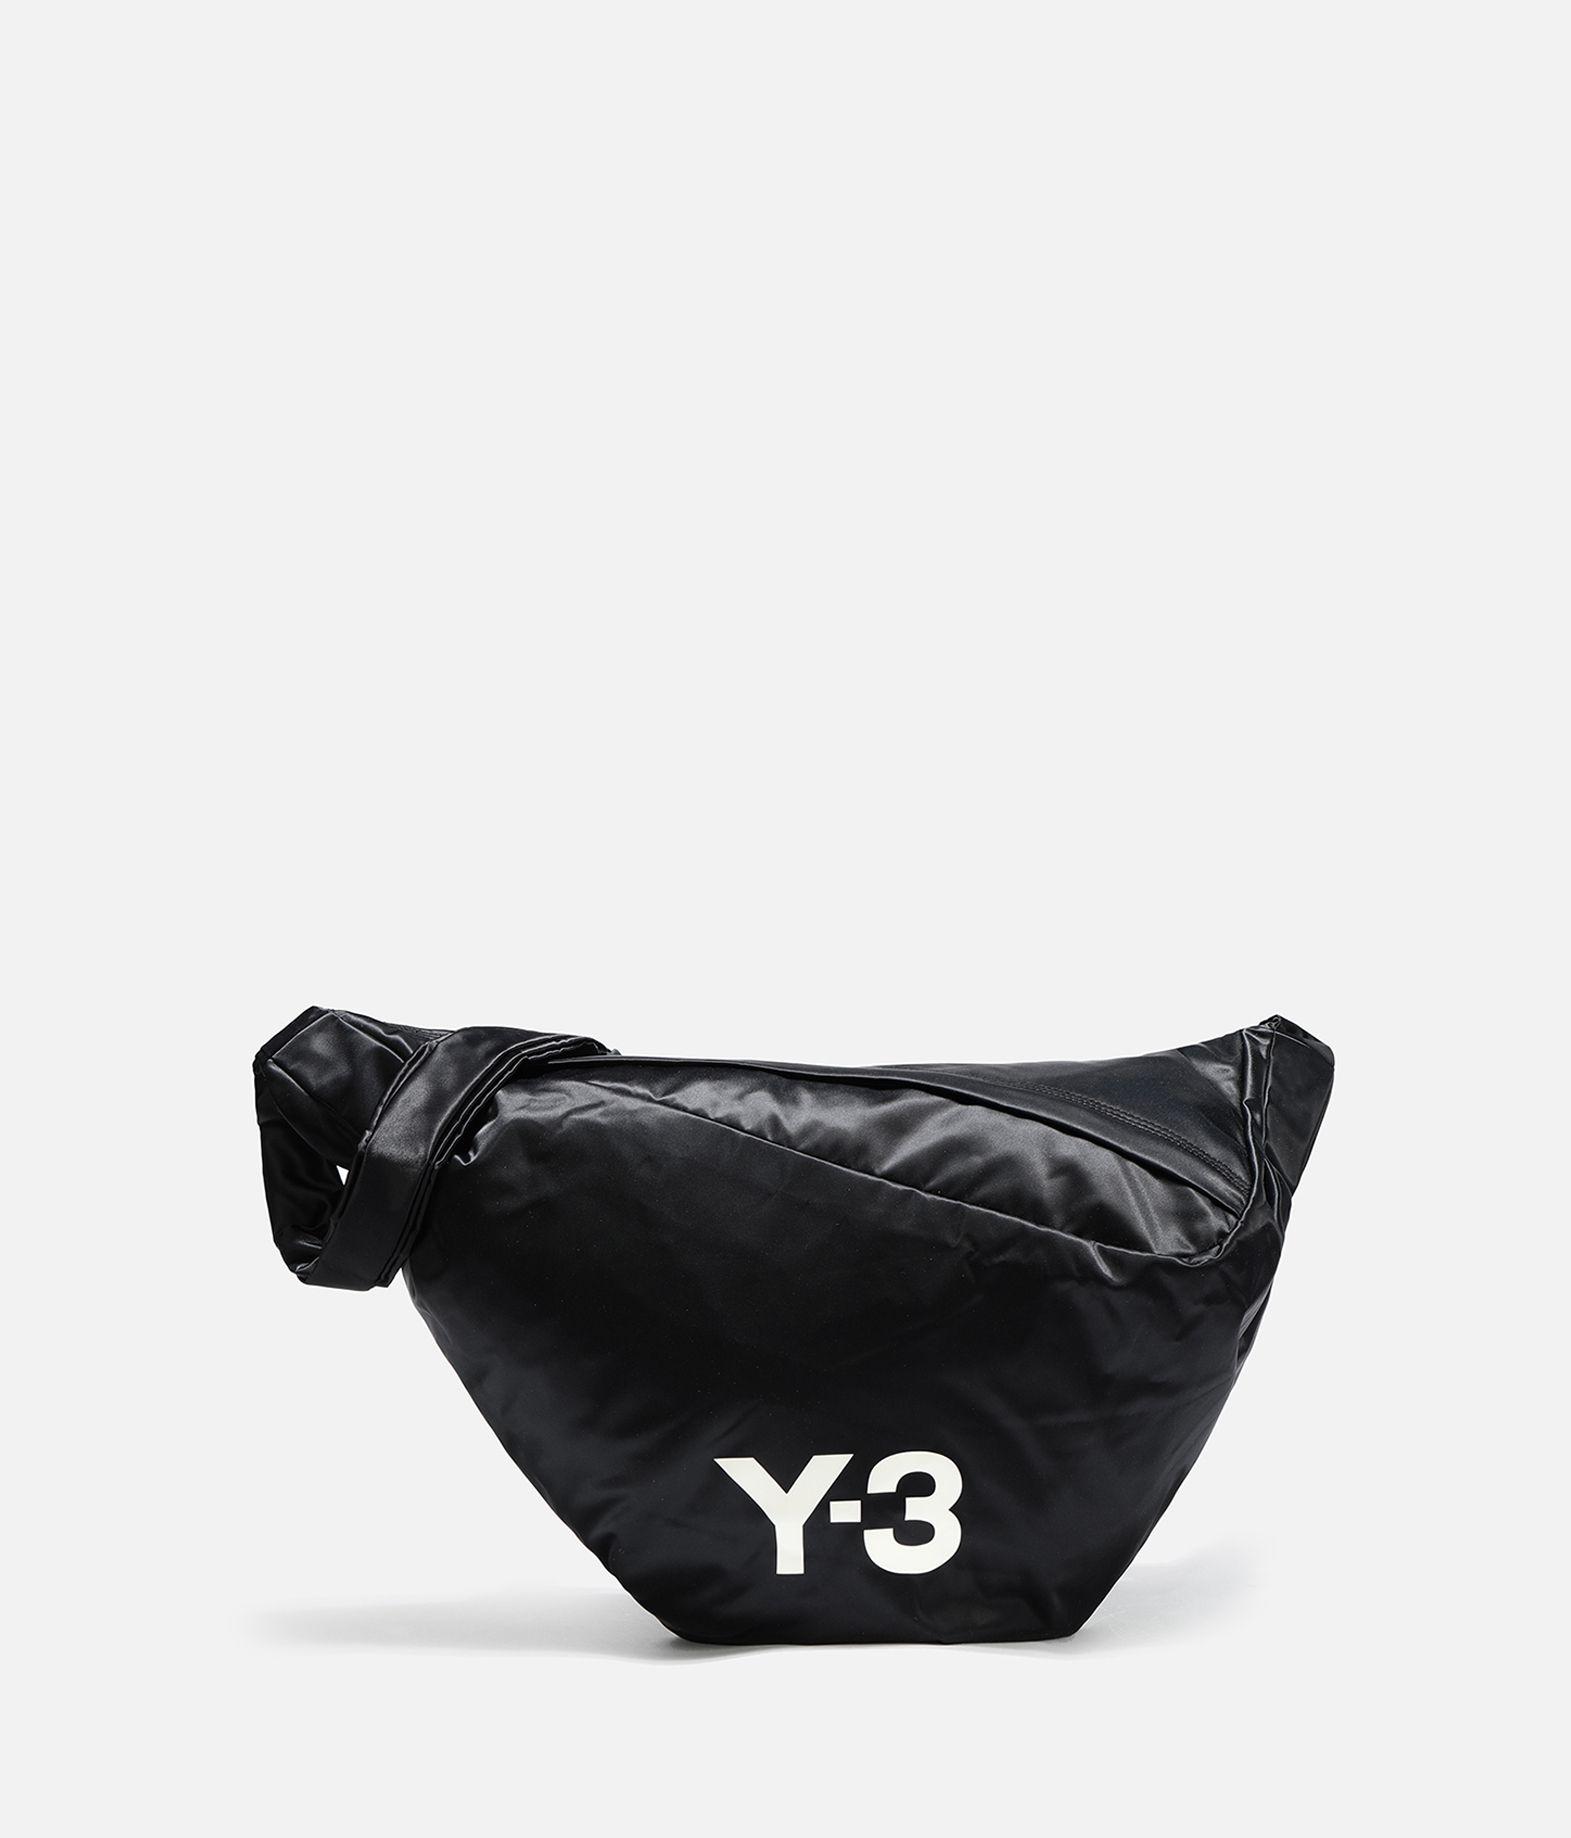 Y-3 Y-3 Sneaker Bag Bag E f